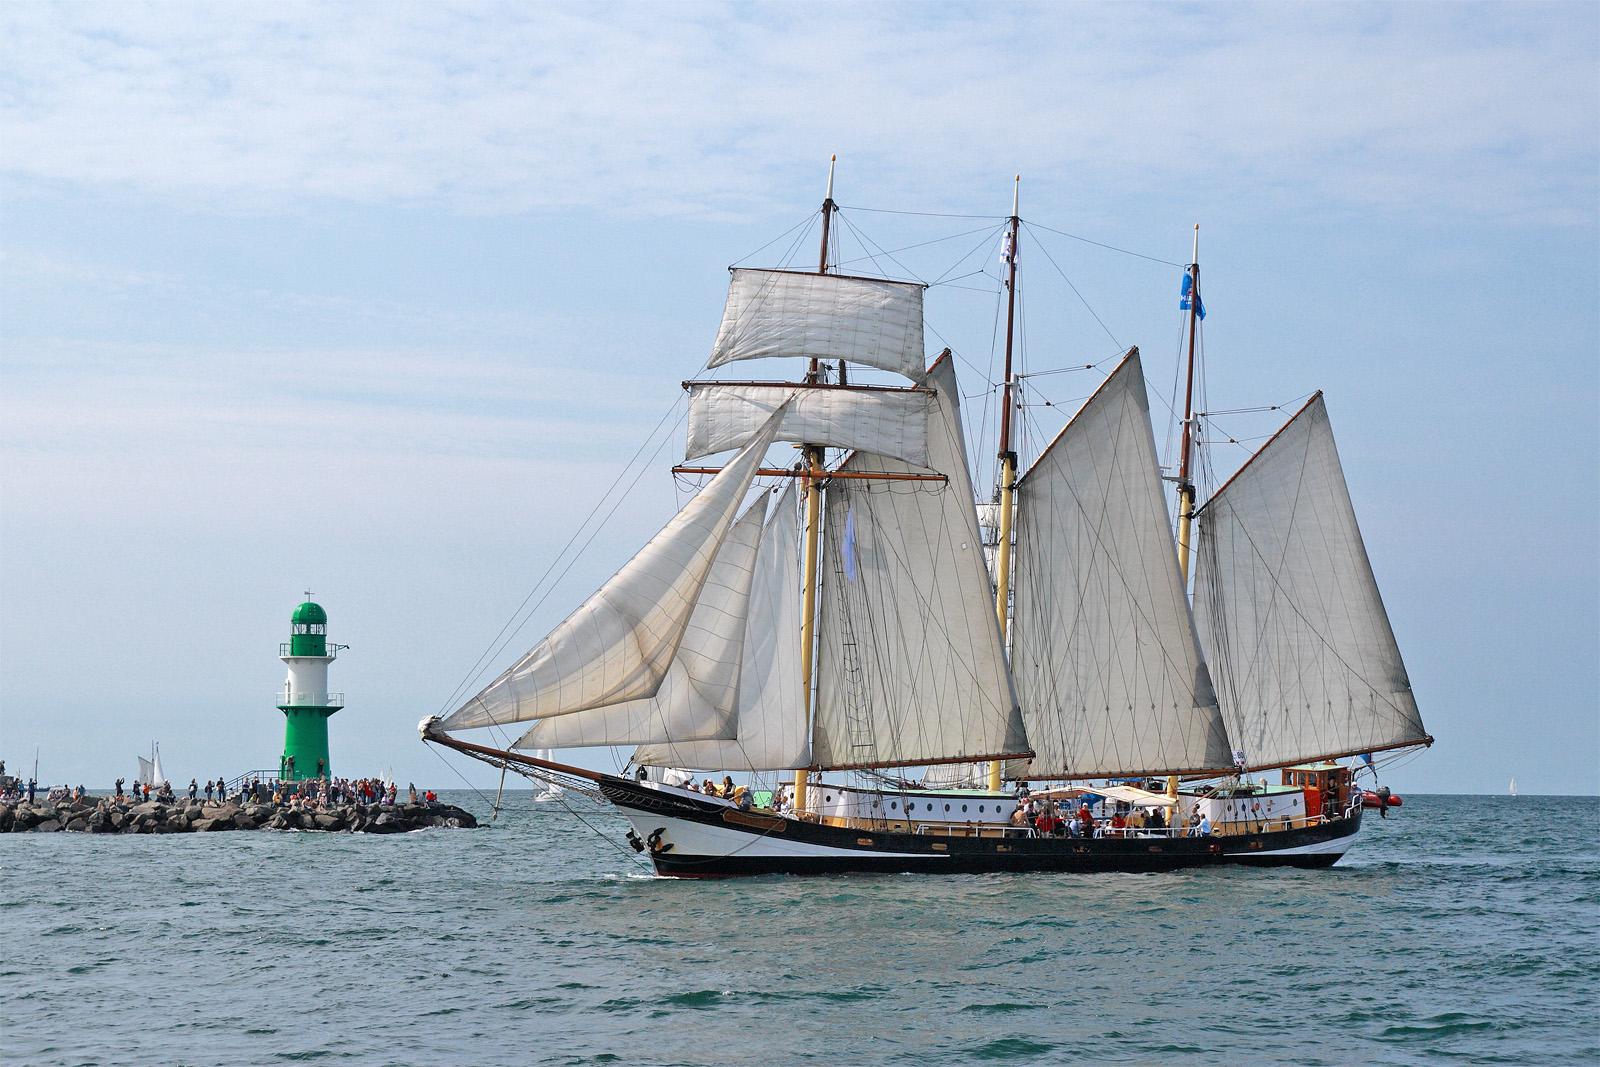 Sail in Warnemünde